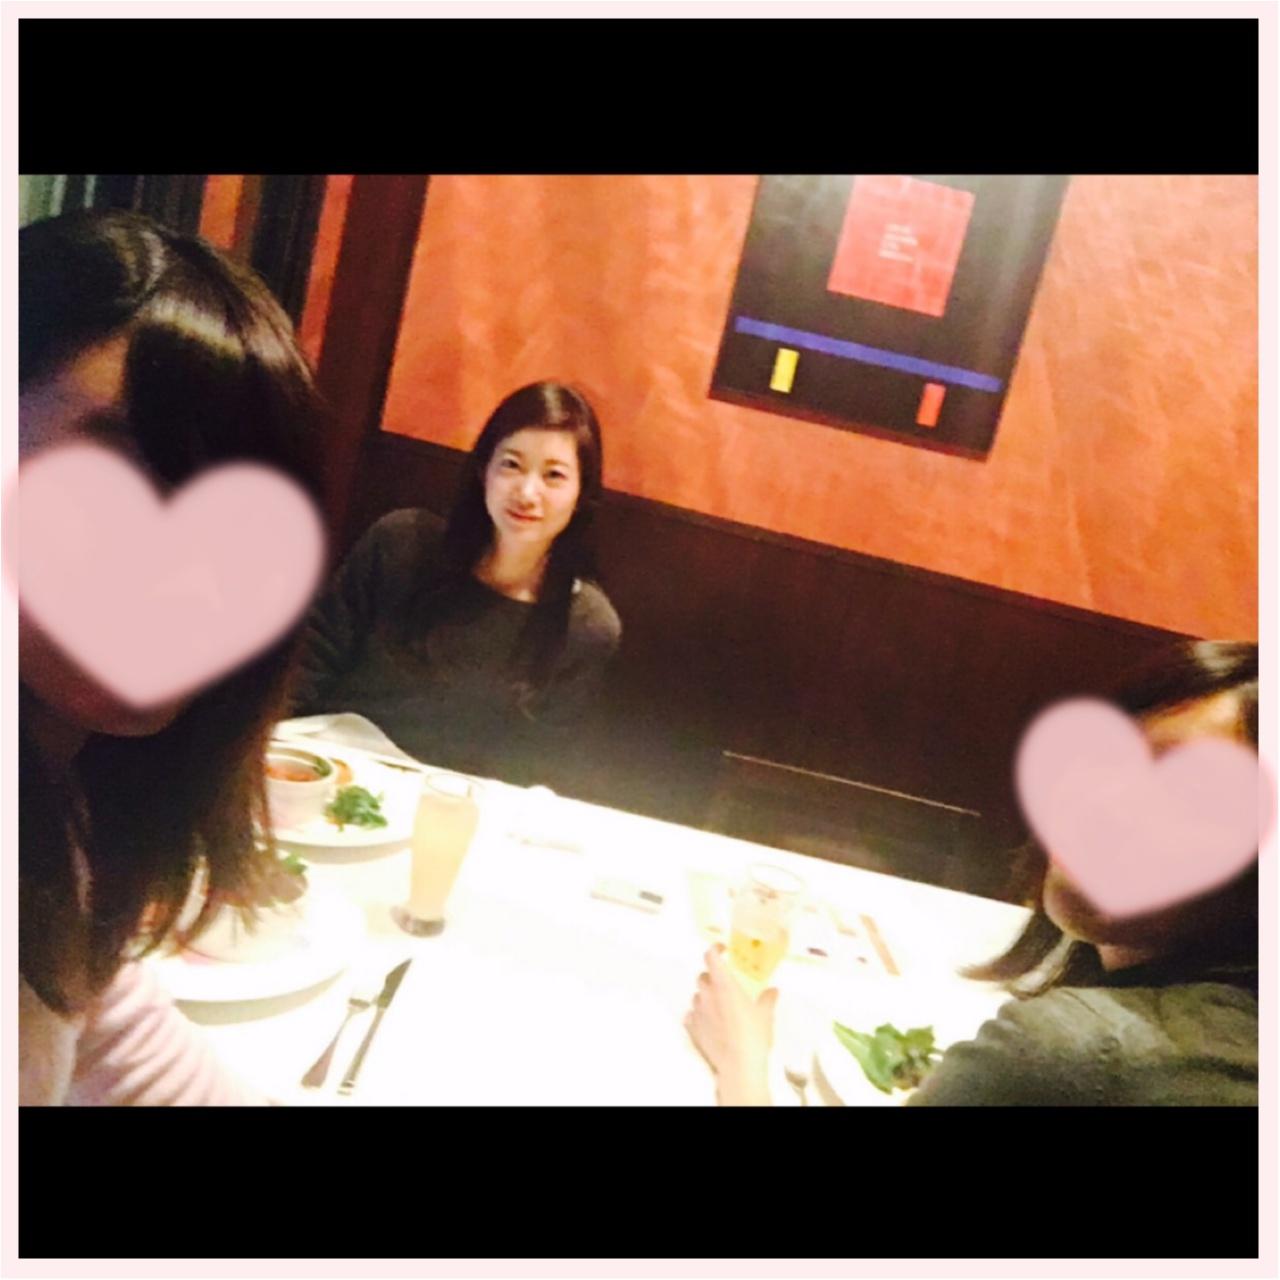 忘年会♡♡♡汐留でイルミネーションを見ながらディナーしたよ♪♪_1